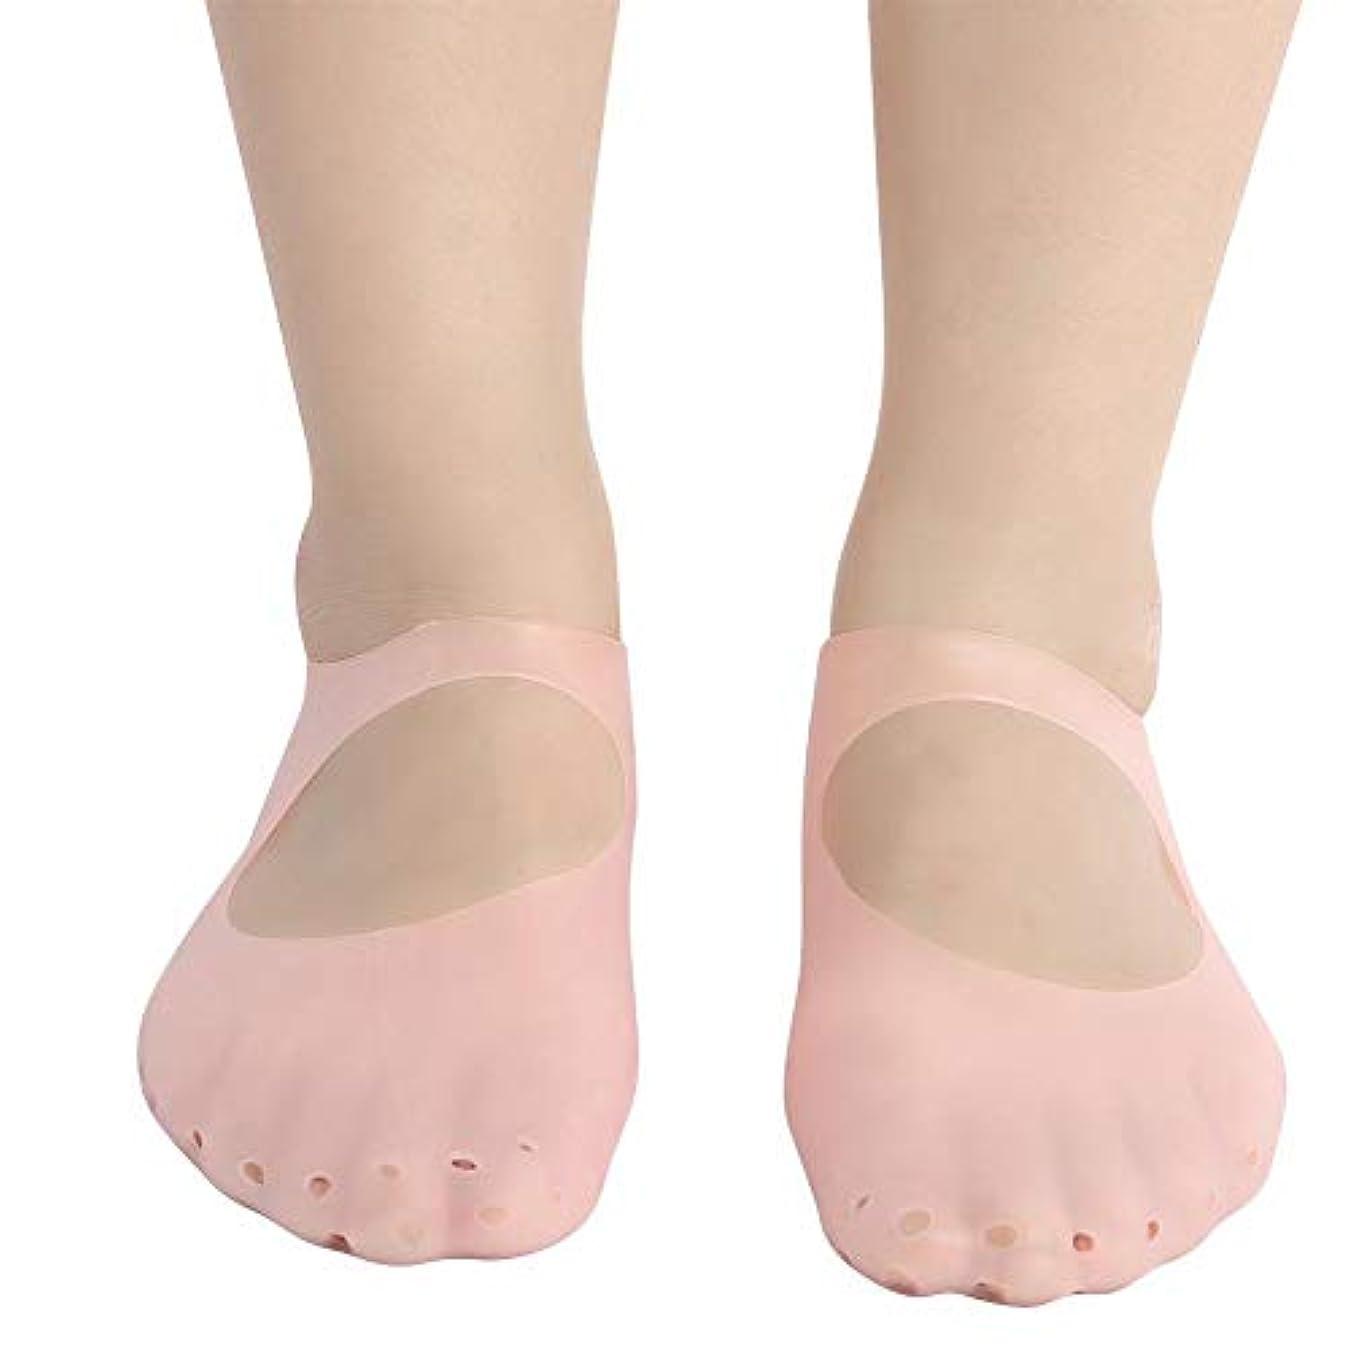 広まった生活無条件シリコンソックス、ひび割れの足からの保護、足の保護靴下 (M-ピンク)